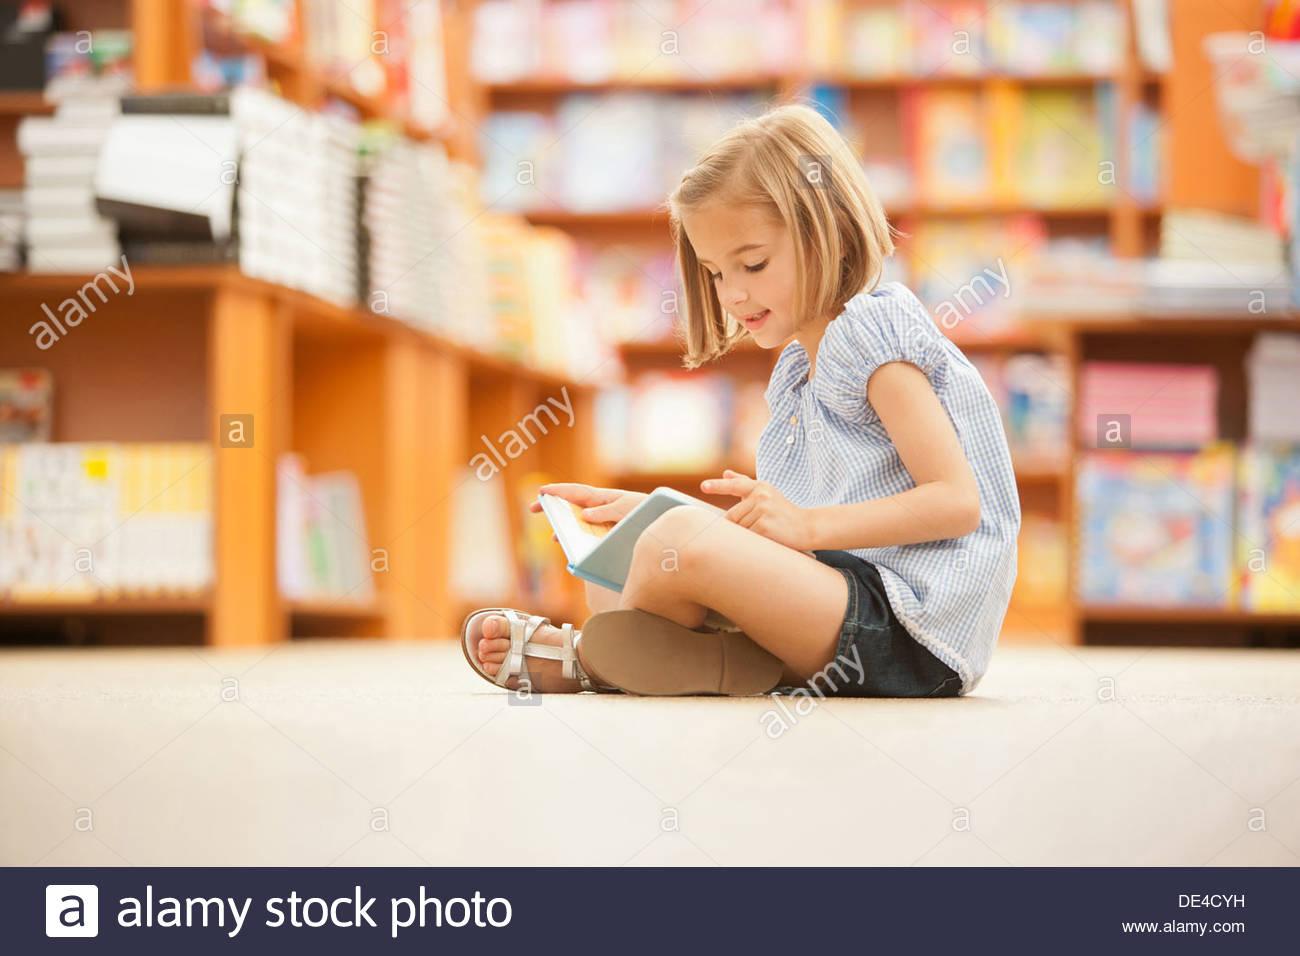 Ragazza seduta sul pavimento della biblioteca con libro Immagini Stock